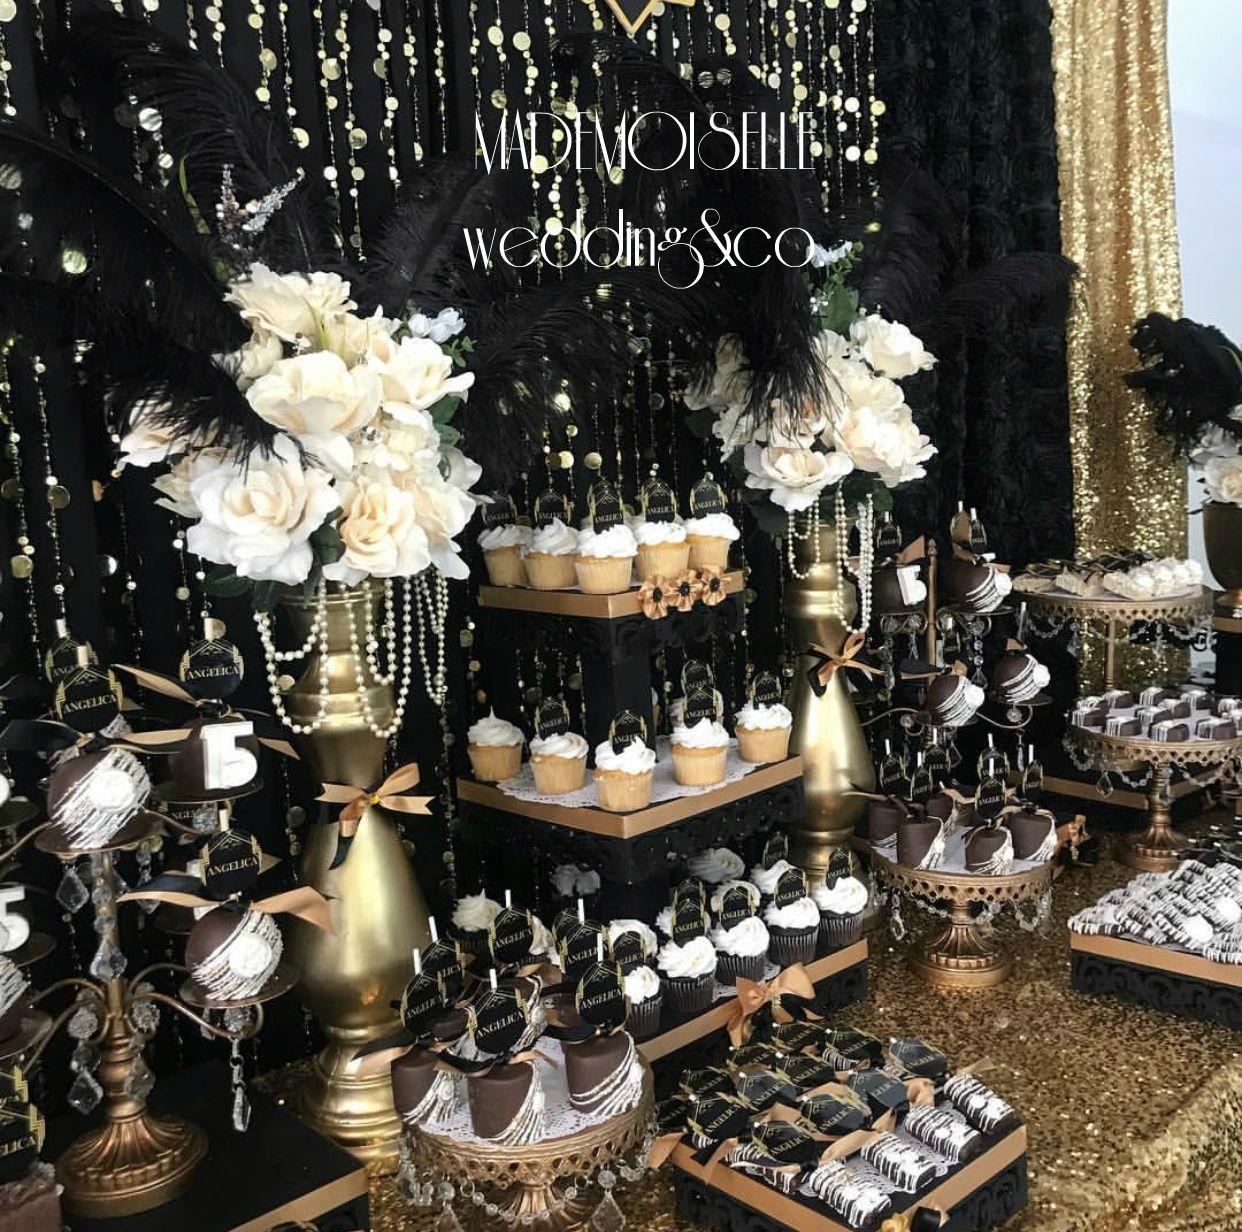 IMG_E4510-slatki sto-dekoracija slatkog stola-tematske dekoracije-crno zlatna dekoracija-dekoracija rodjendana-punoletsvo-cupecakes-kolacici za slatki sto-dekoracija rodjendana-dekoracija vencanja